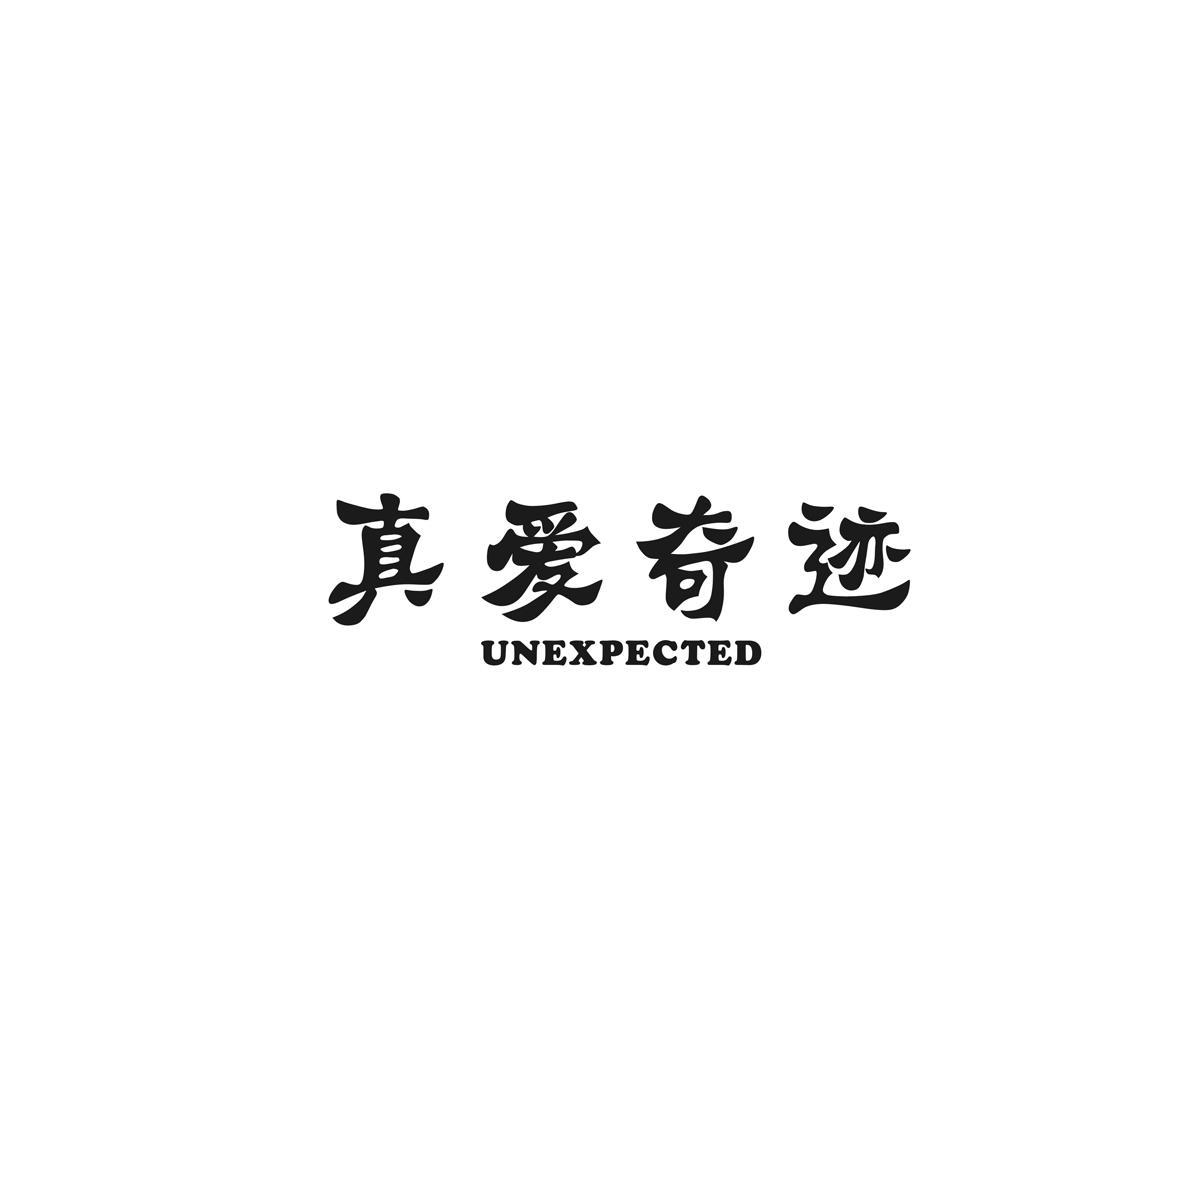 转让商标-真爱奇迹 UNEXPECTED